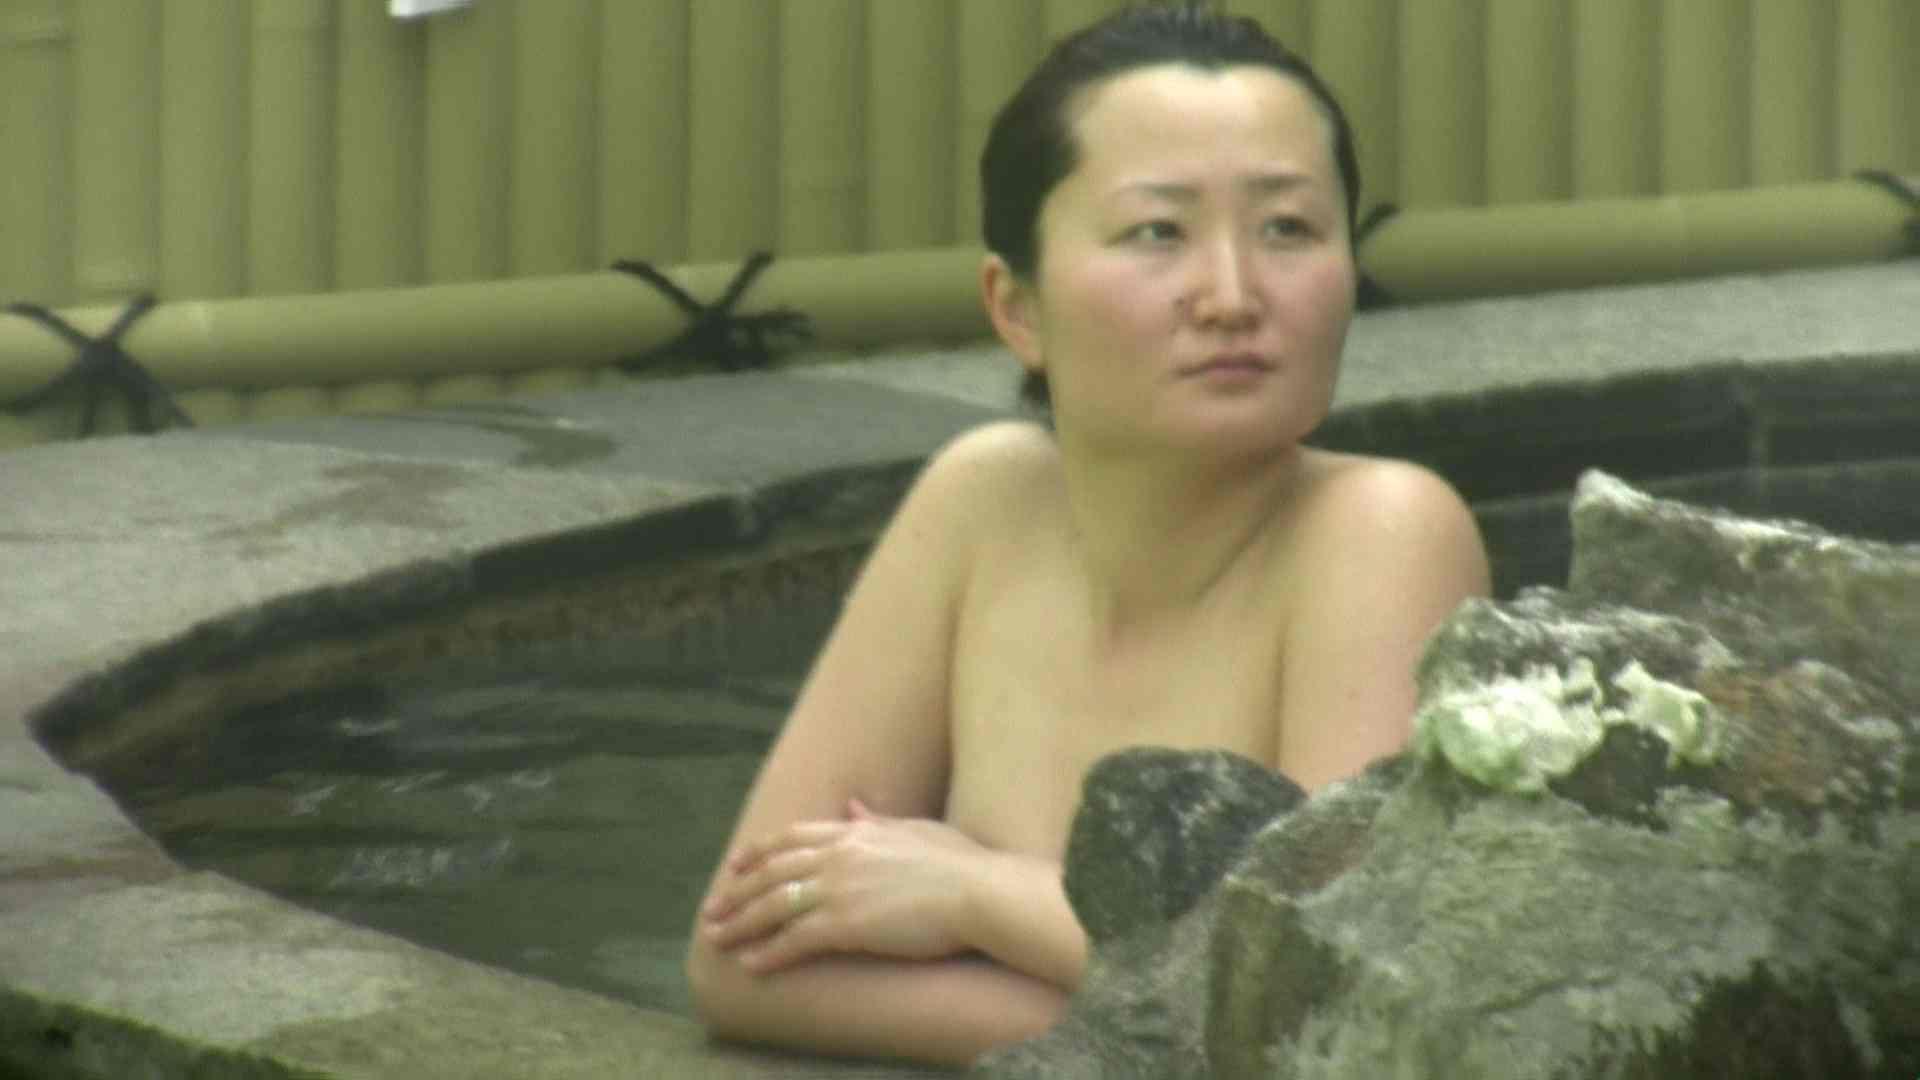 Aquaな露天風呂Vol.632 盗撮  41PICs 33